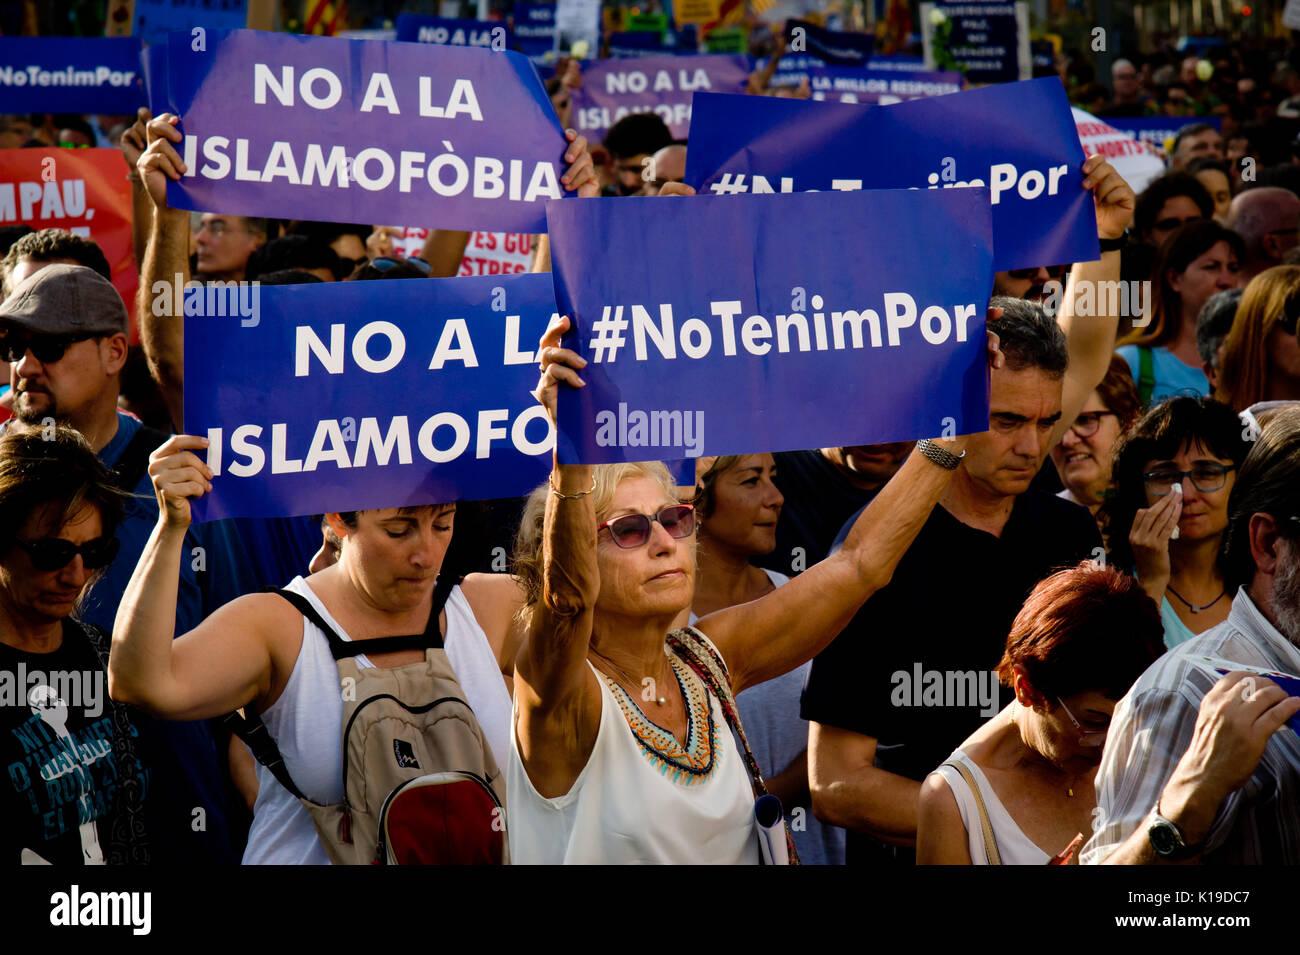 Agosto 26, 2017 - Barcellona, in Catalogna, Spagna - a Barcellona la gente prende parte ad un marzo contro gli attacchi Foto Stock